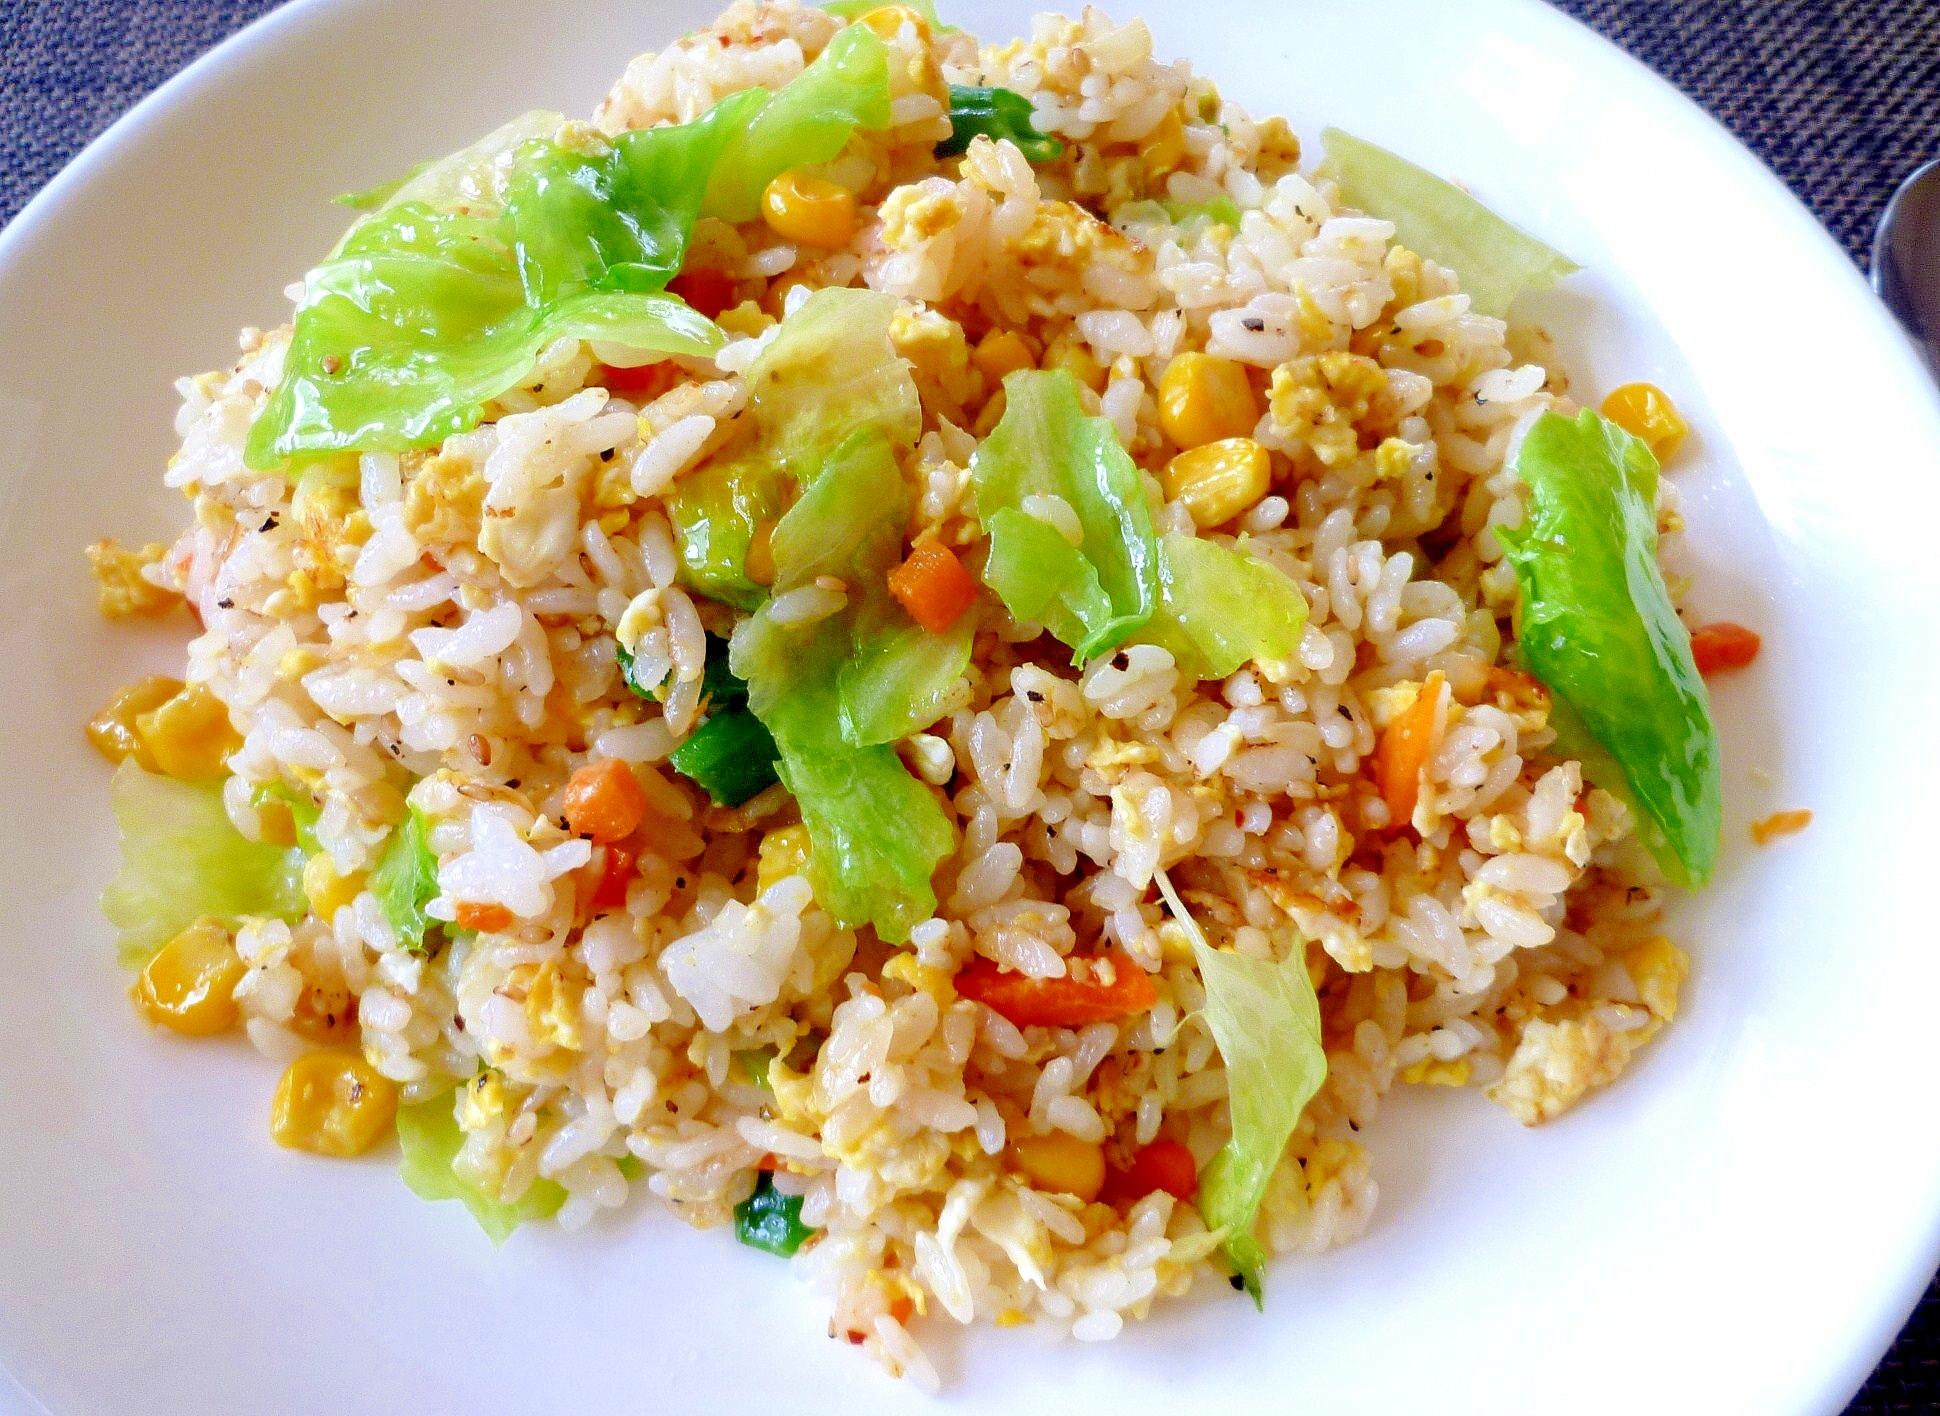 【春レタスのチャーハン】で簡単にお昼ご飯♪ レシピ・作り方 by マミイ4068|楽天レシピ